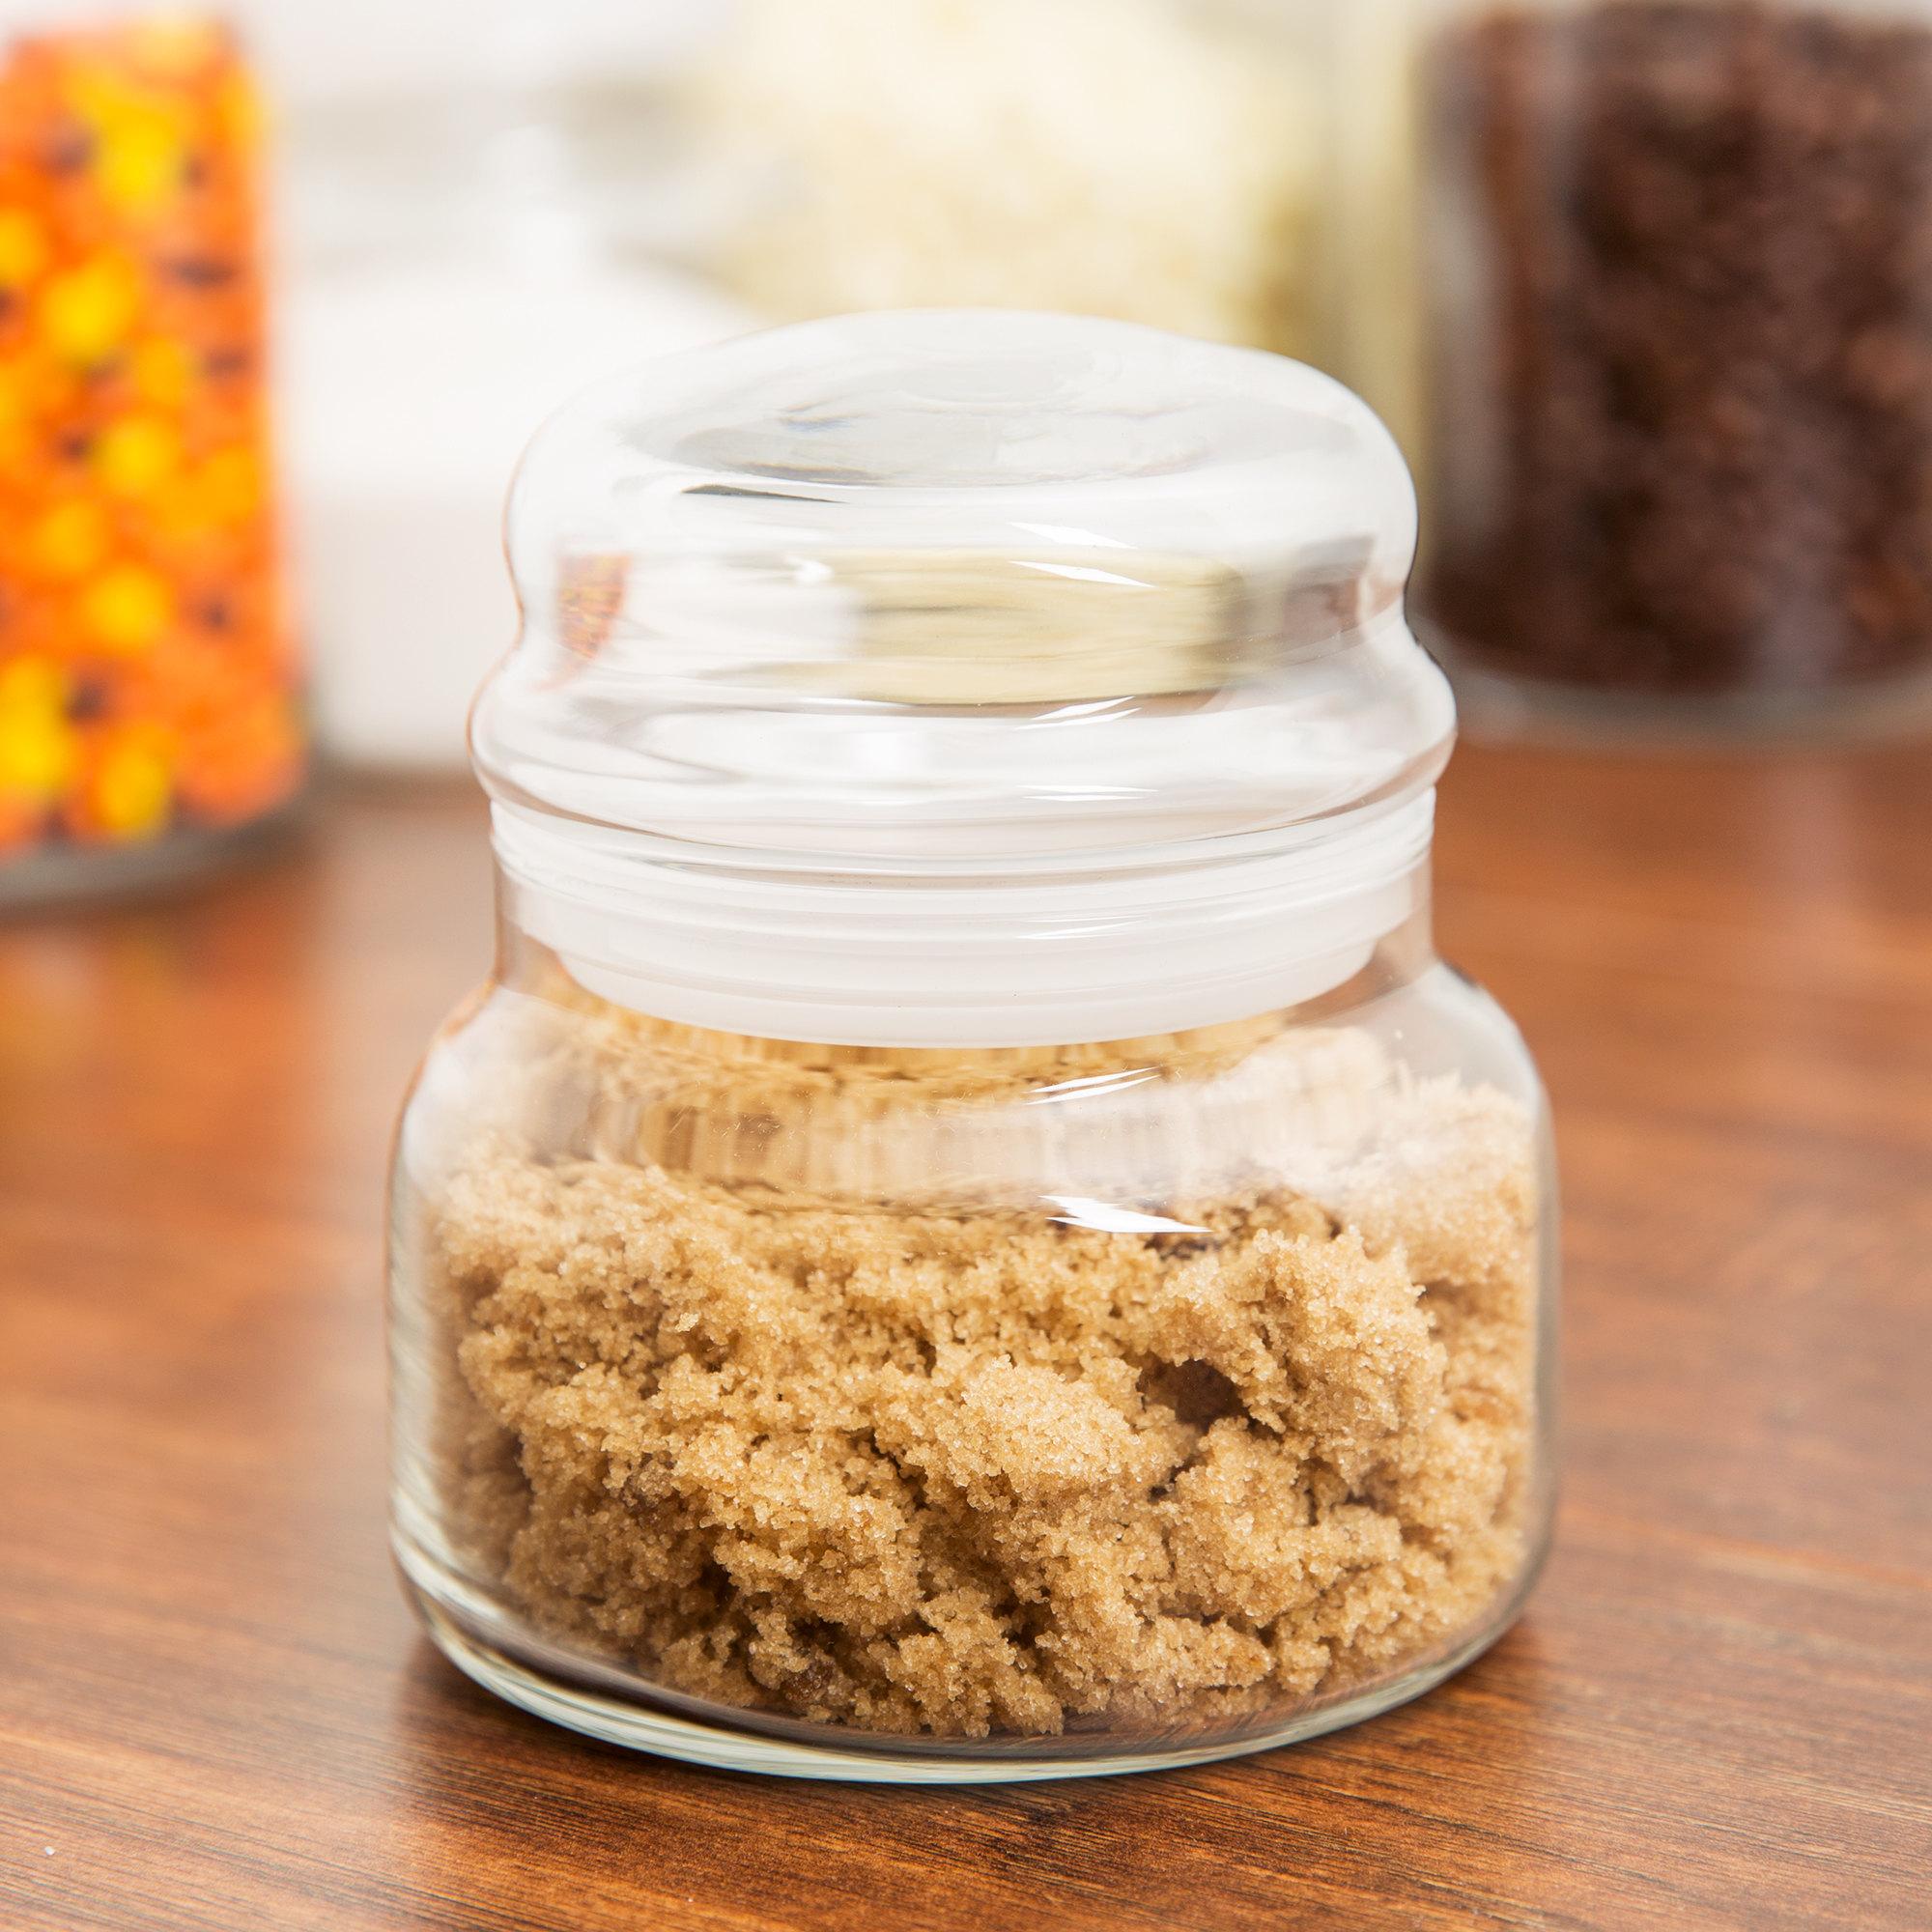 15 oz. Storage Jar with Lid